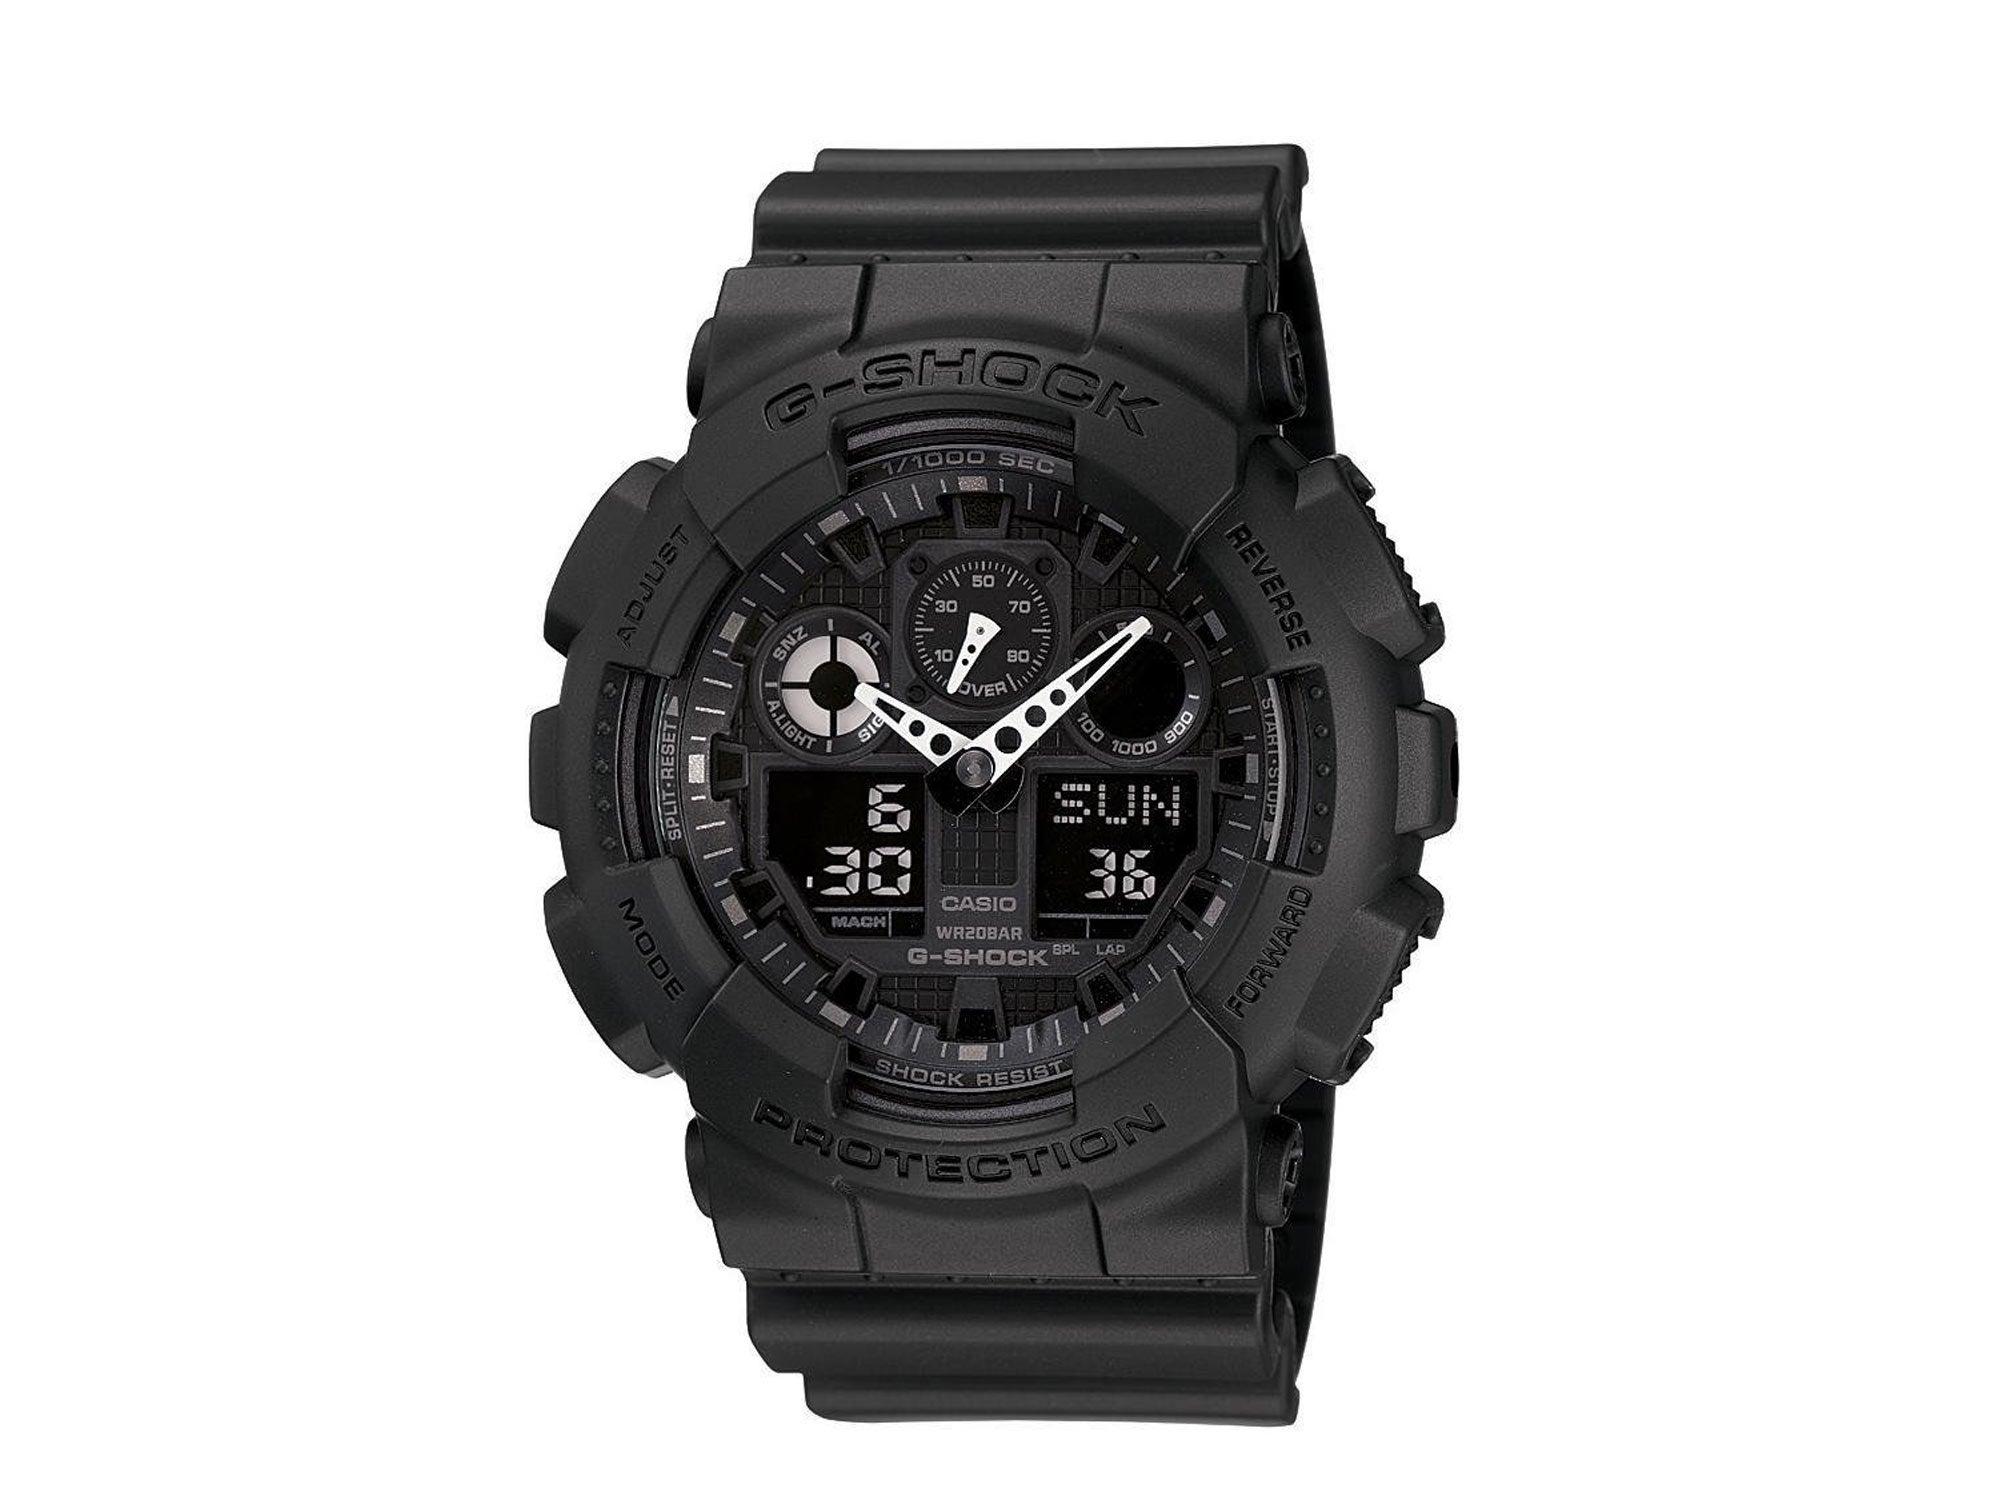 Cascio GShock watch